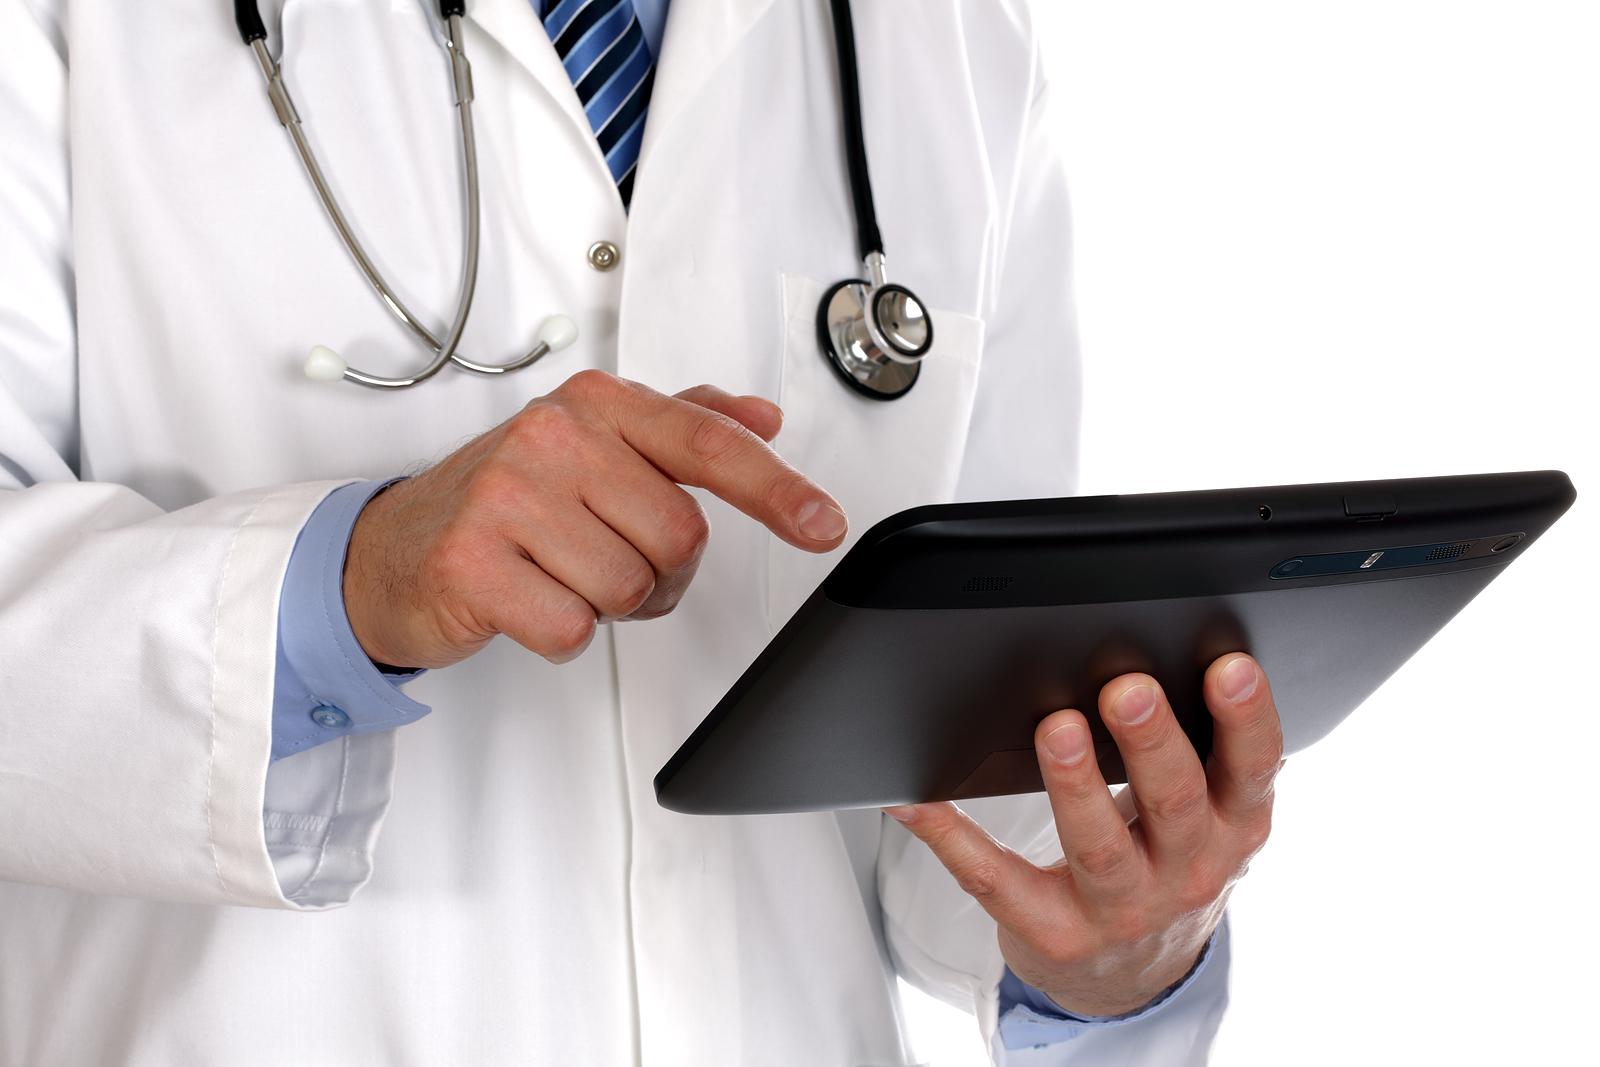 Buscamos Community Manager con Formación Médica o Científica